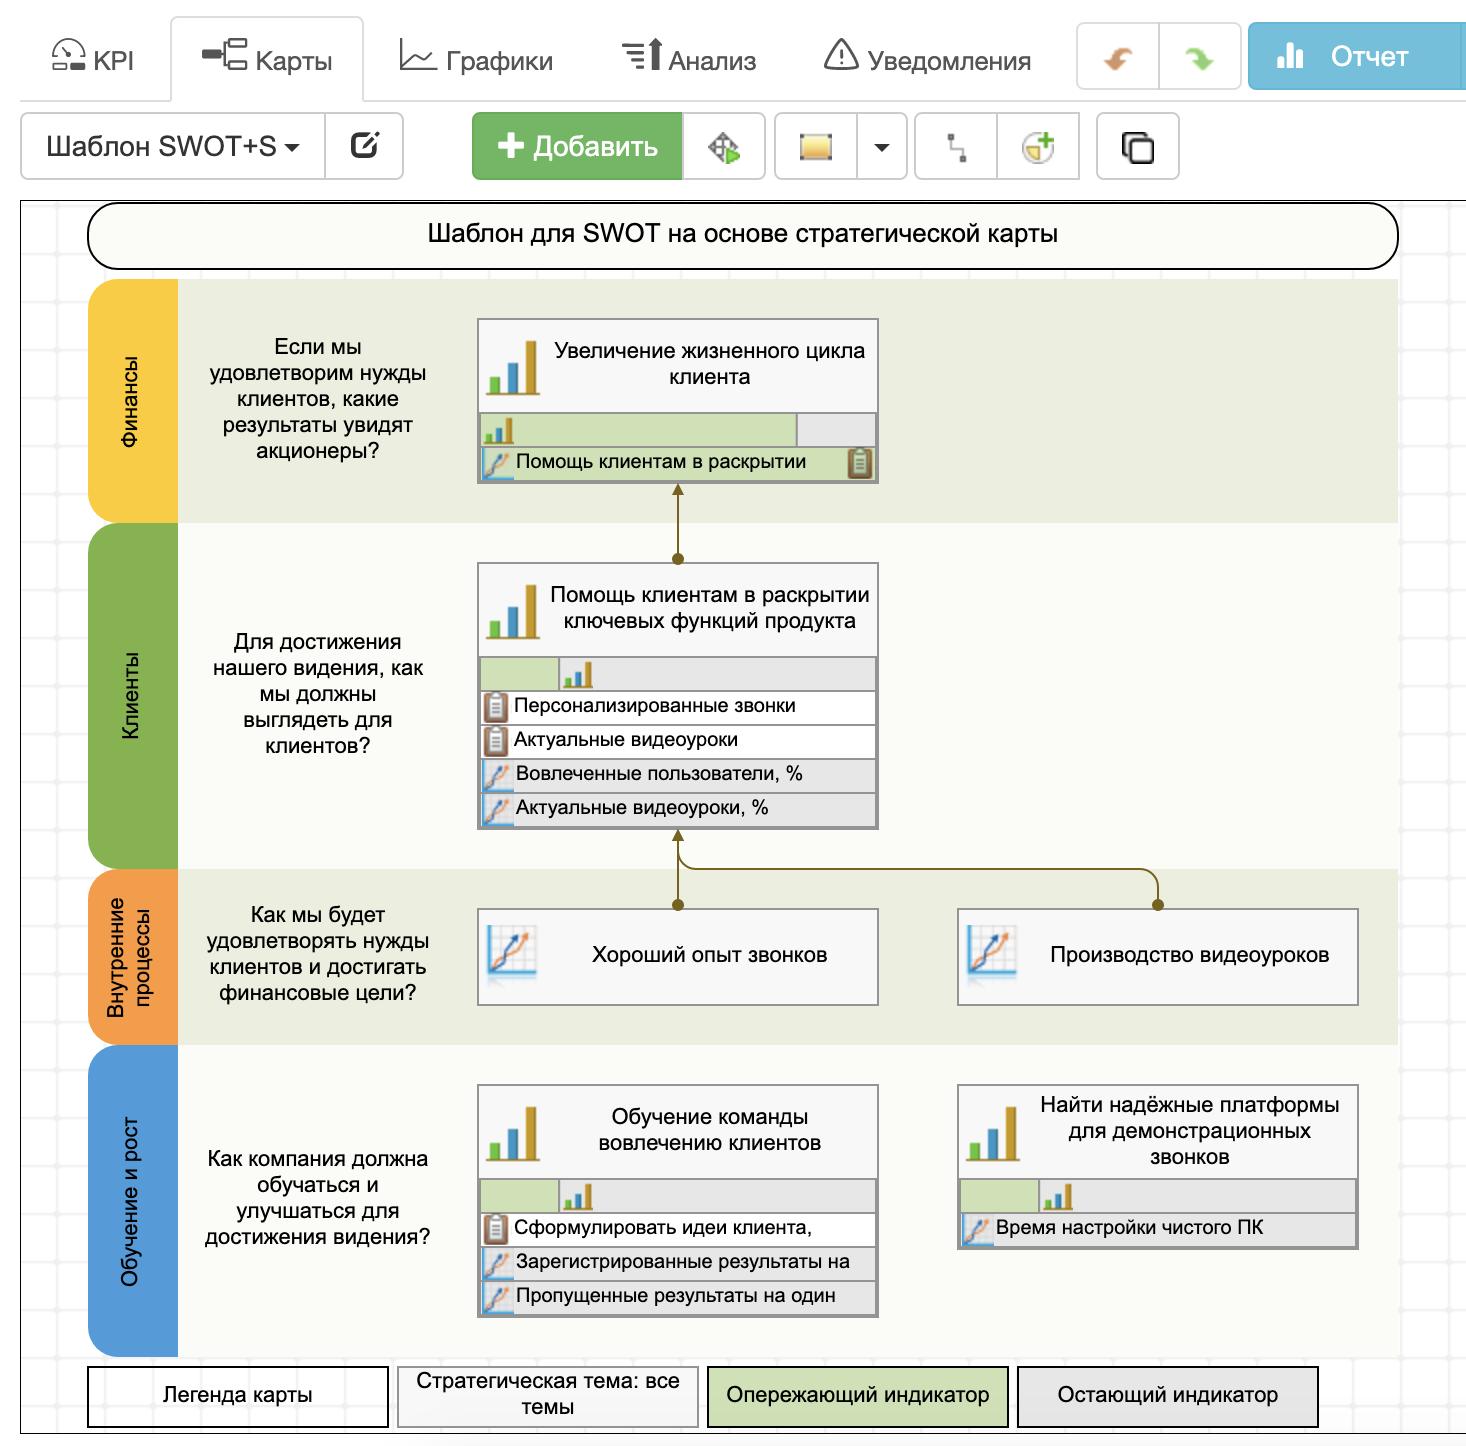 Идеи анализа SWOT+S, конвертированные в стратегическую карту